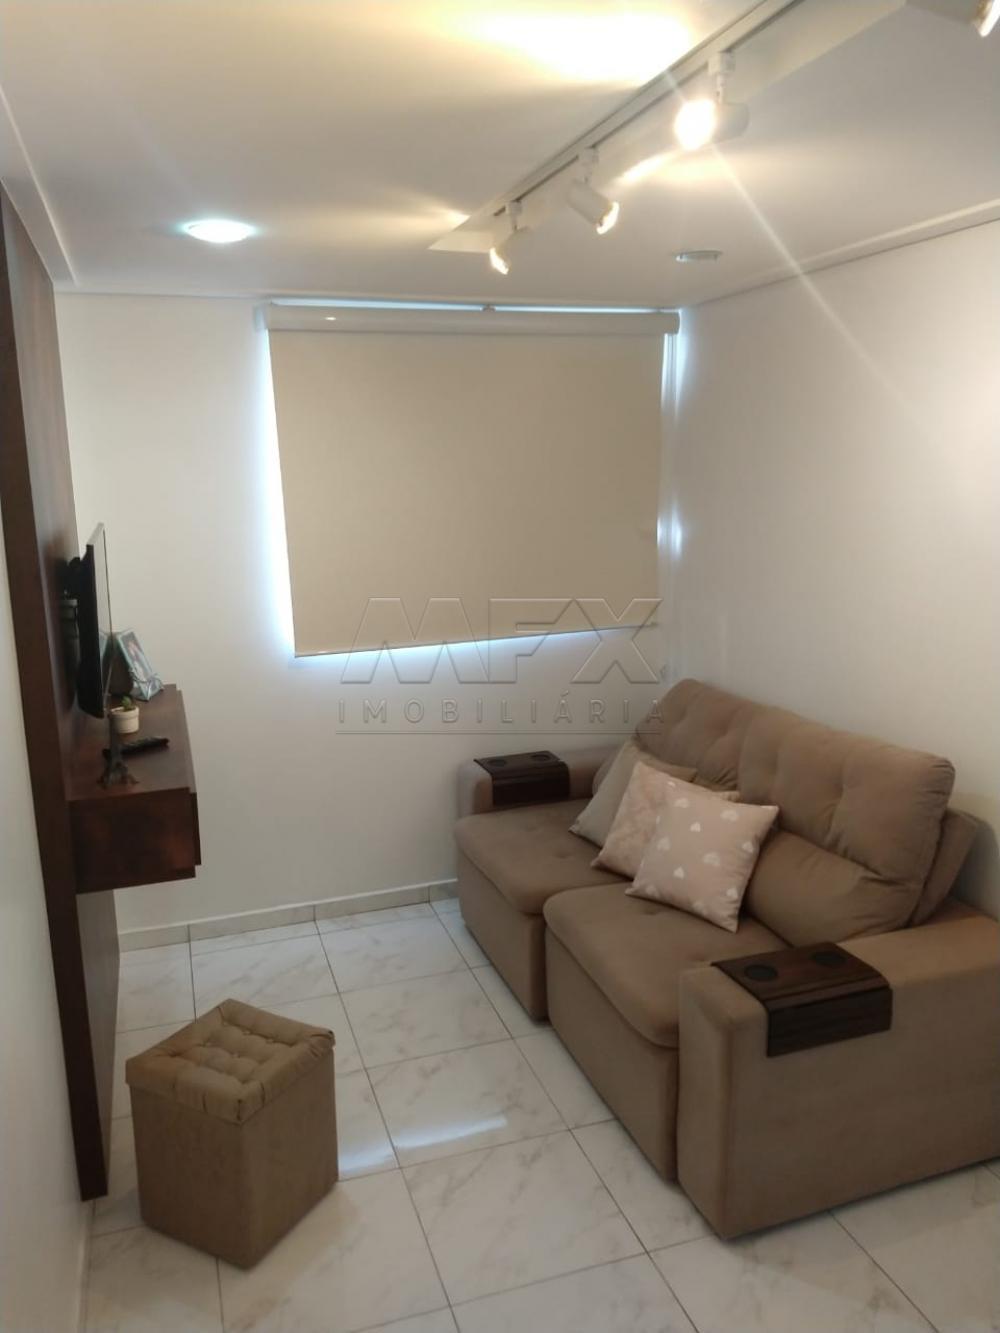 Comprar Apartamento / Padrão em Bauru apenas R$ 145.000,00 - Foto 1